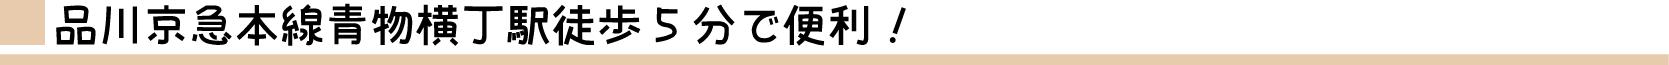 ストレスケア REN空術®︎女性のストレス専科YURARI-ゆらり-